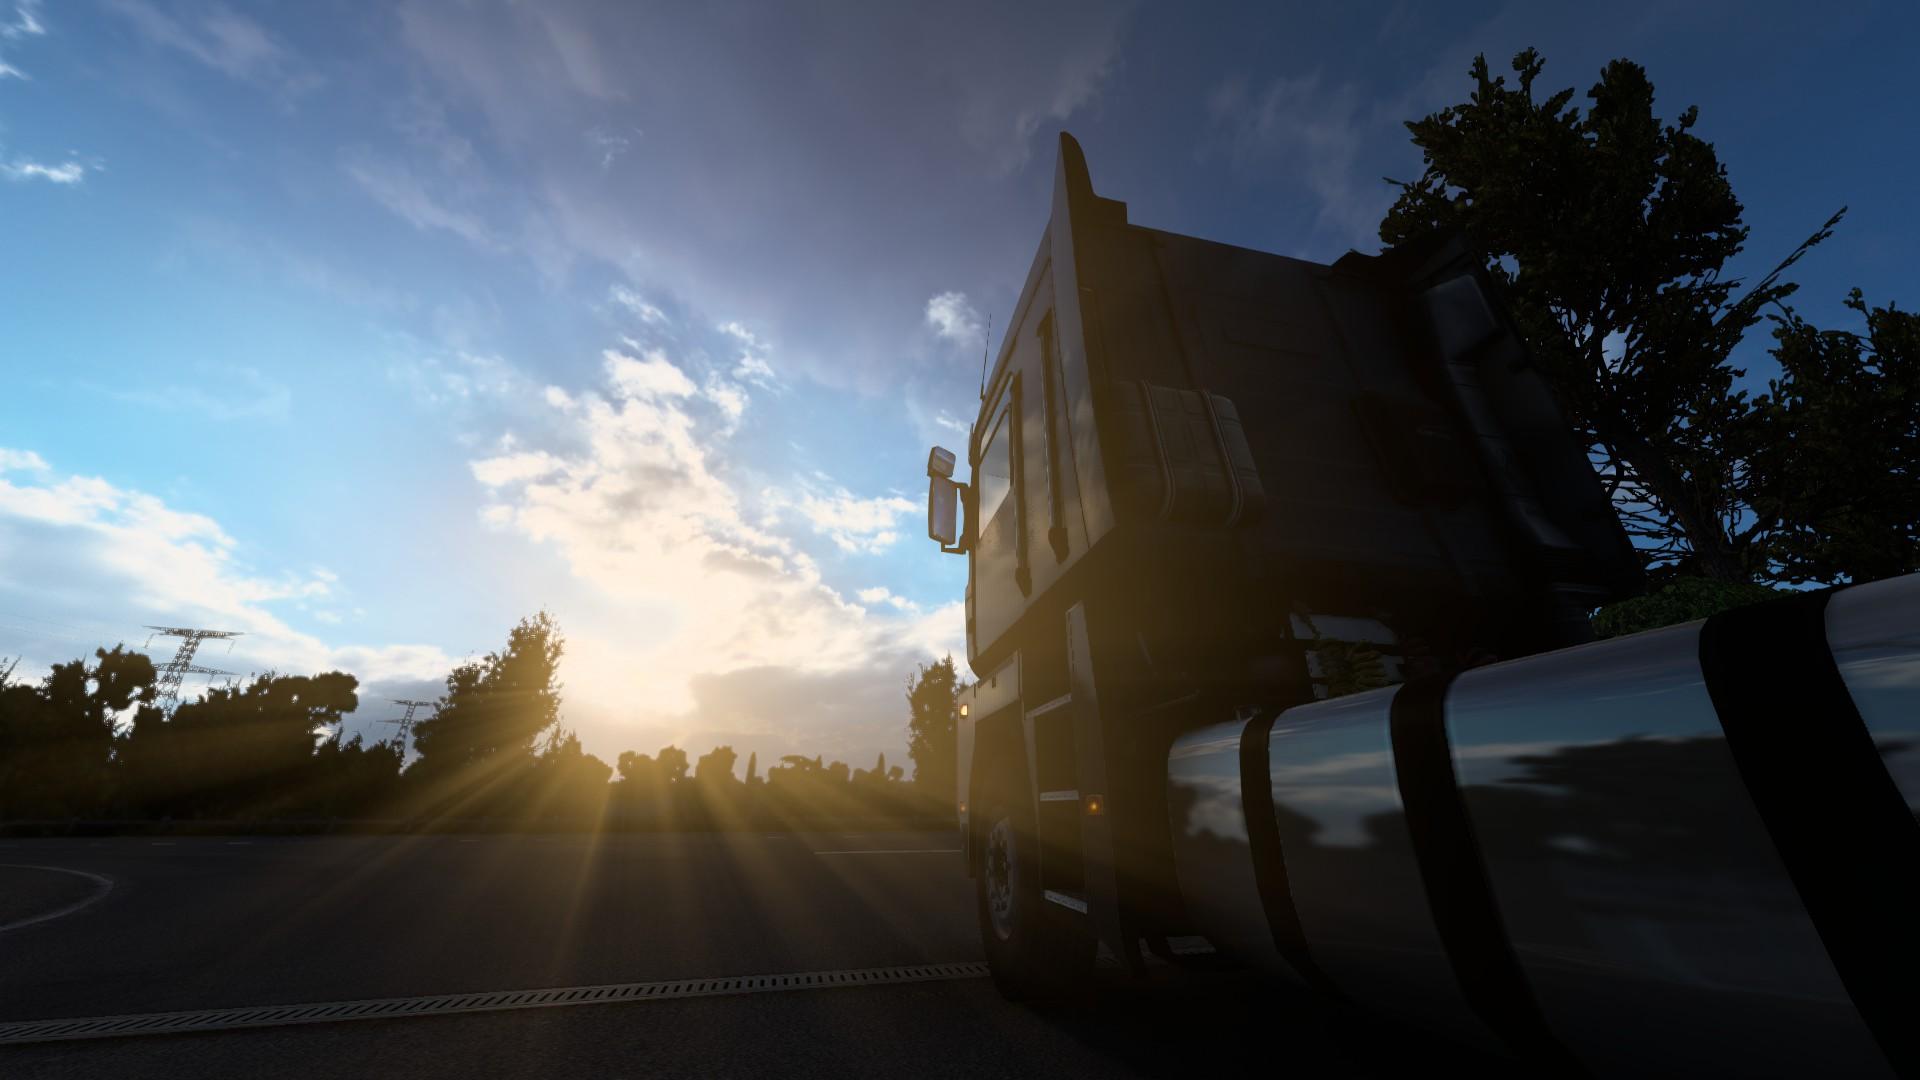 ETS 2 Update 1.40 Sunshine